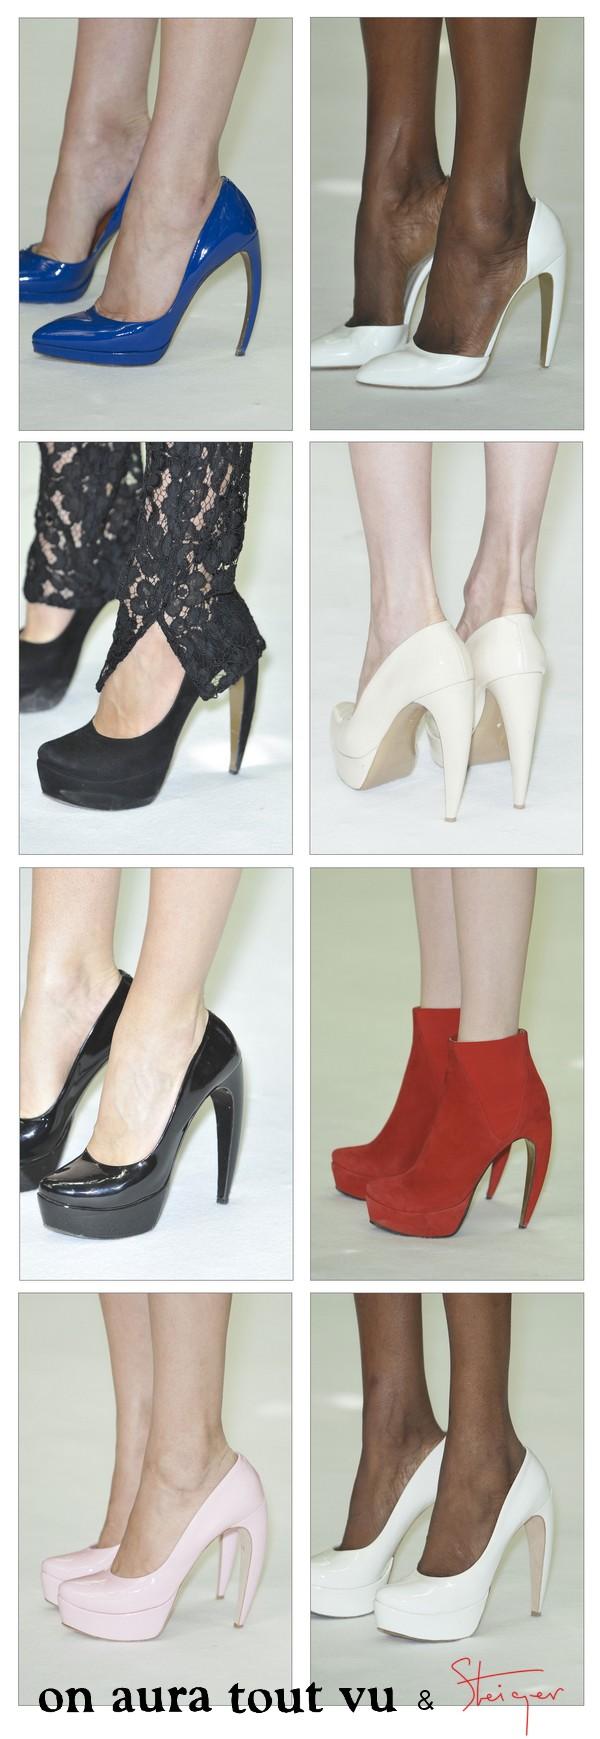 on aura tout vu, haute couture, fall winter 2013 2014, paris, fashion week, walter steiger, escarpins, high heels, stilettos, shoes